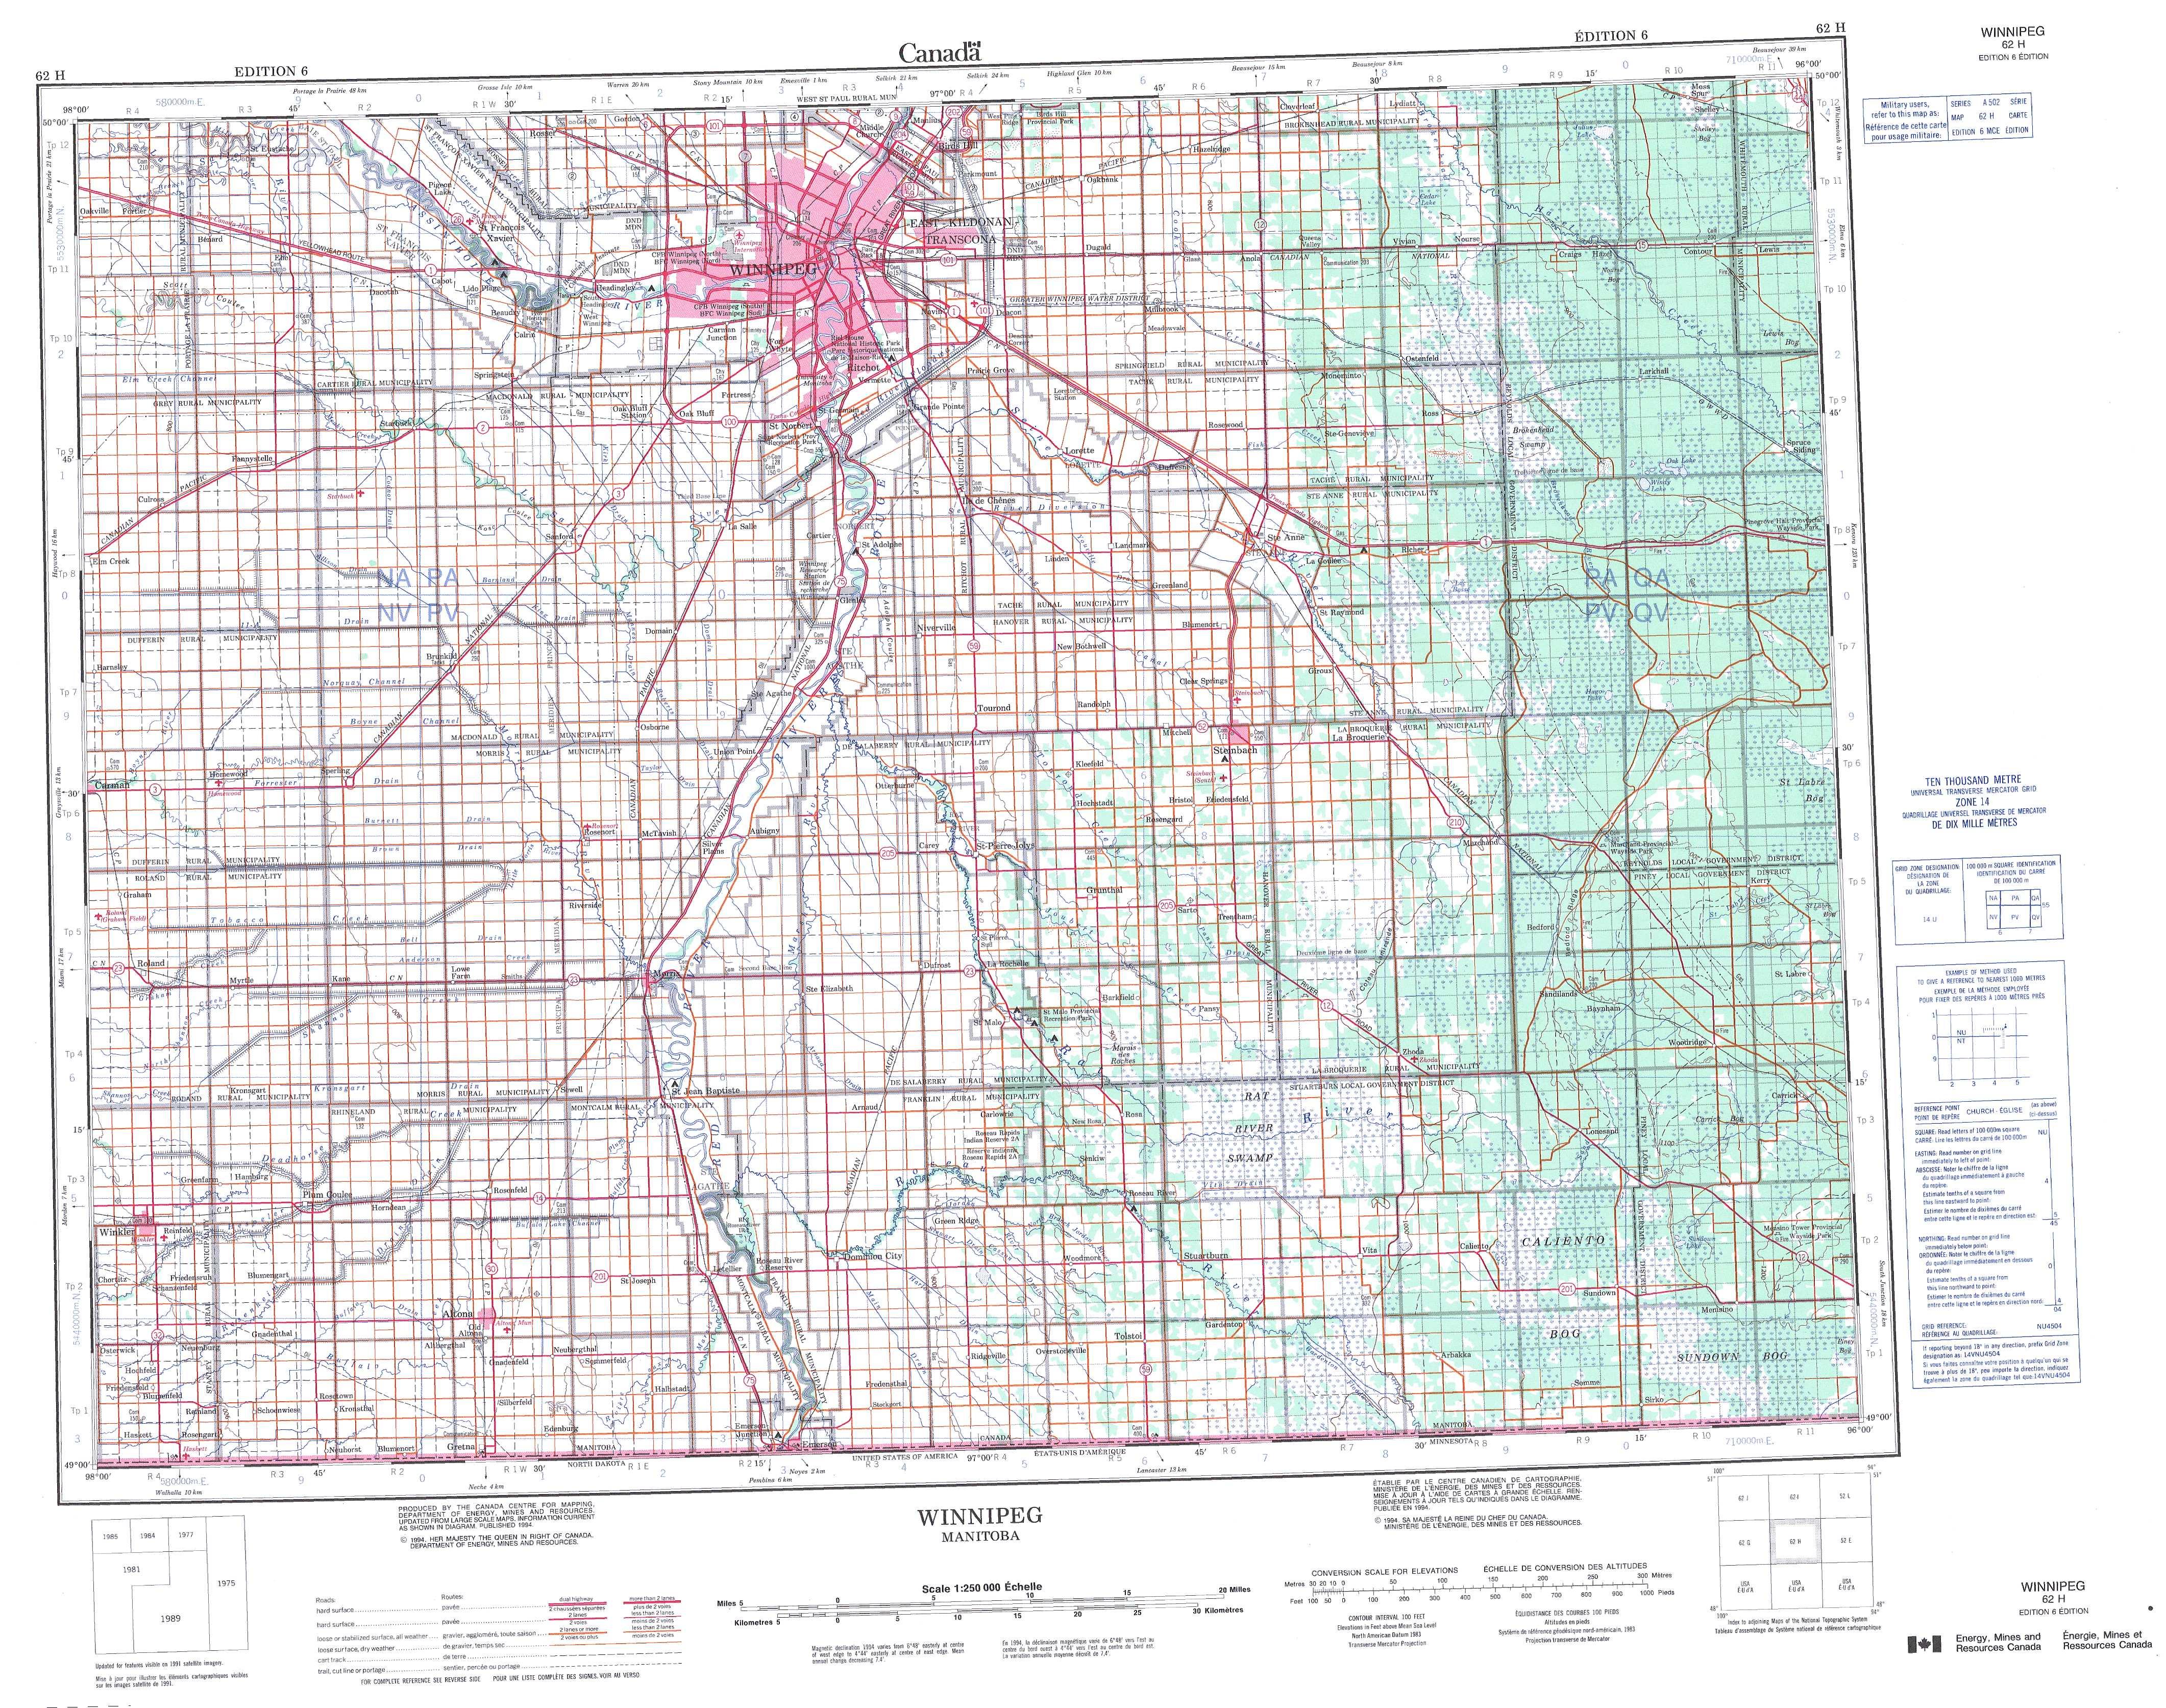 Printable Topographic Map Of Winnipeg 062H, Mb - Printable Topo Maps